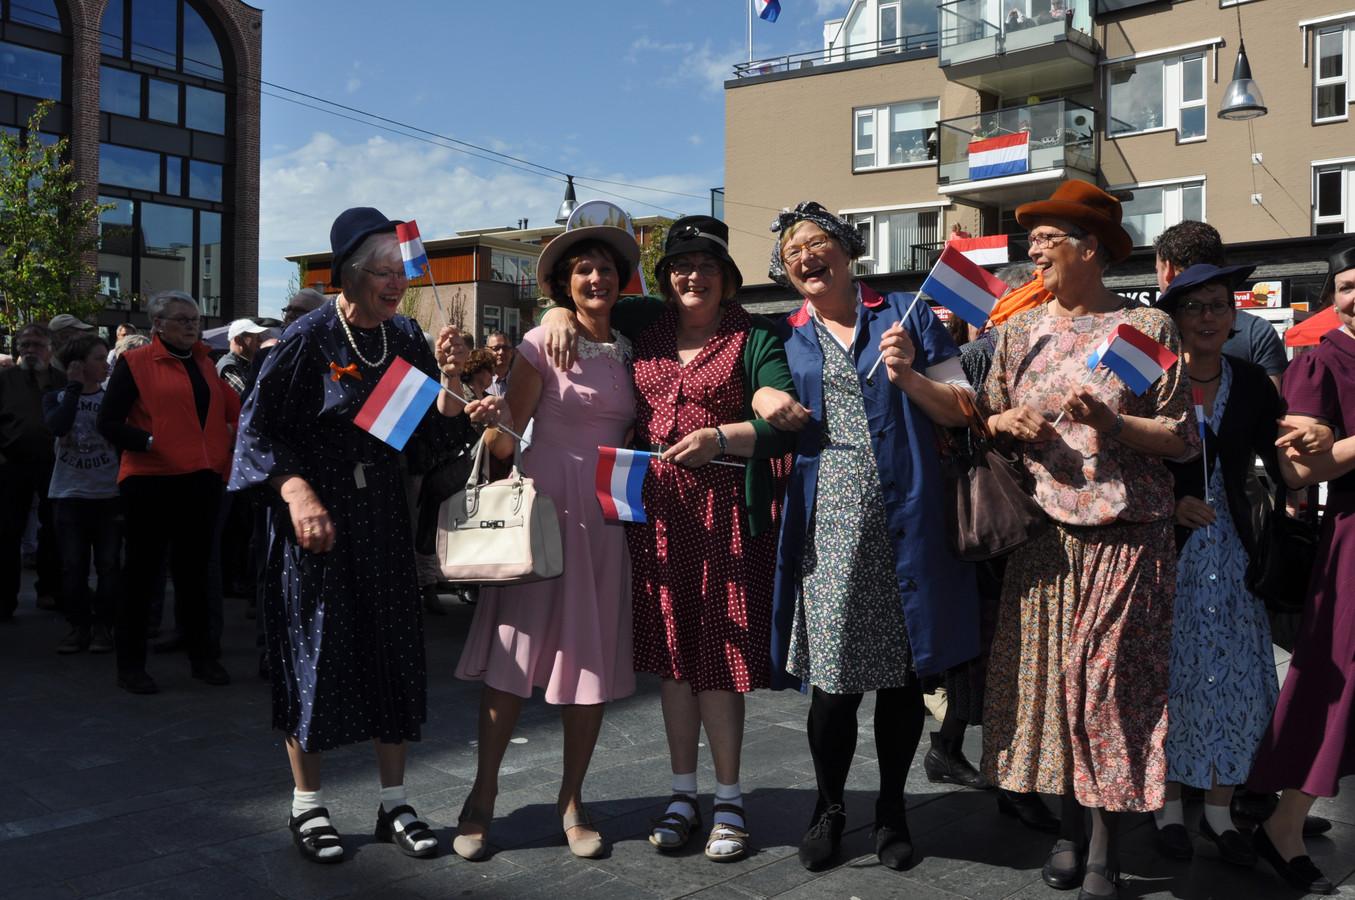 Allemaal gekleed in de mode van de oorlogsjaren 1940-1945.